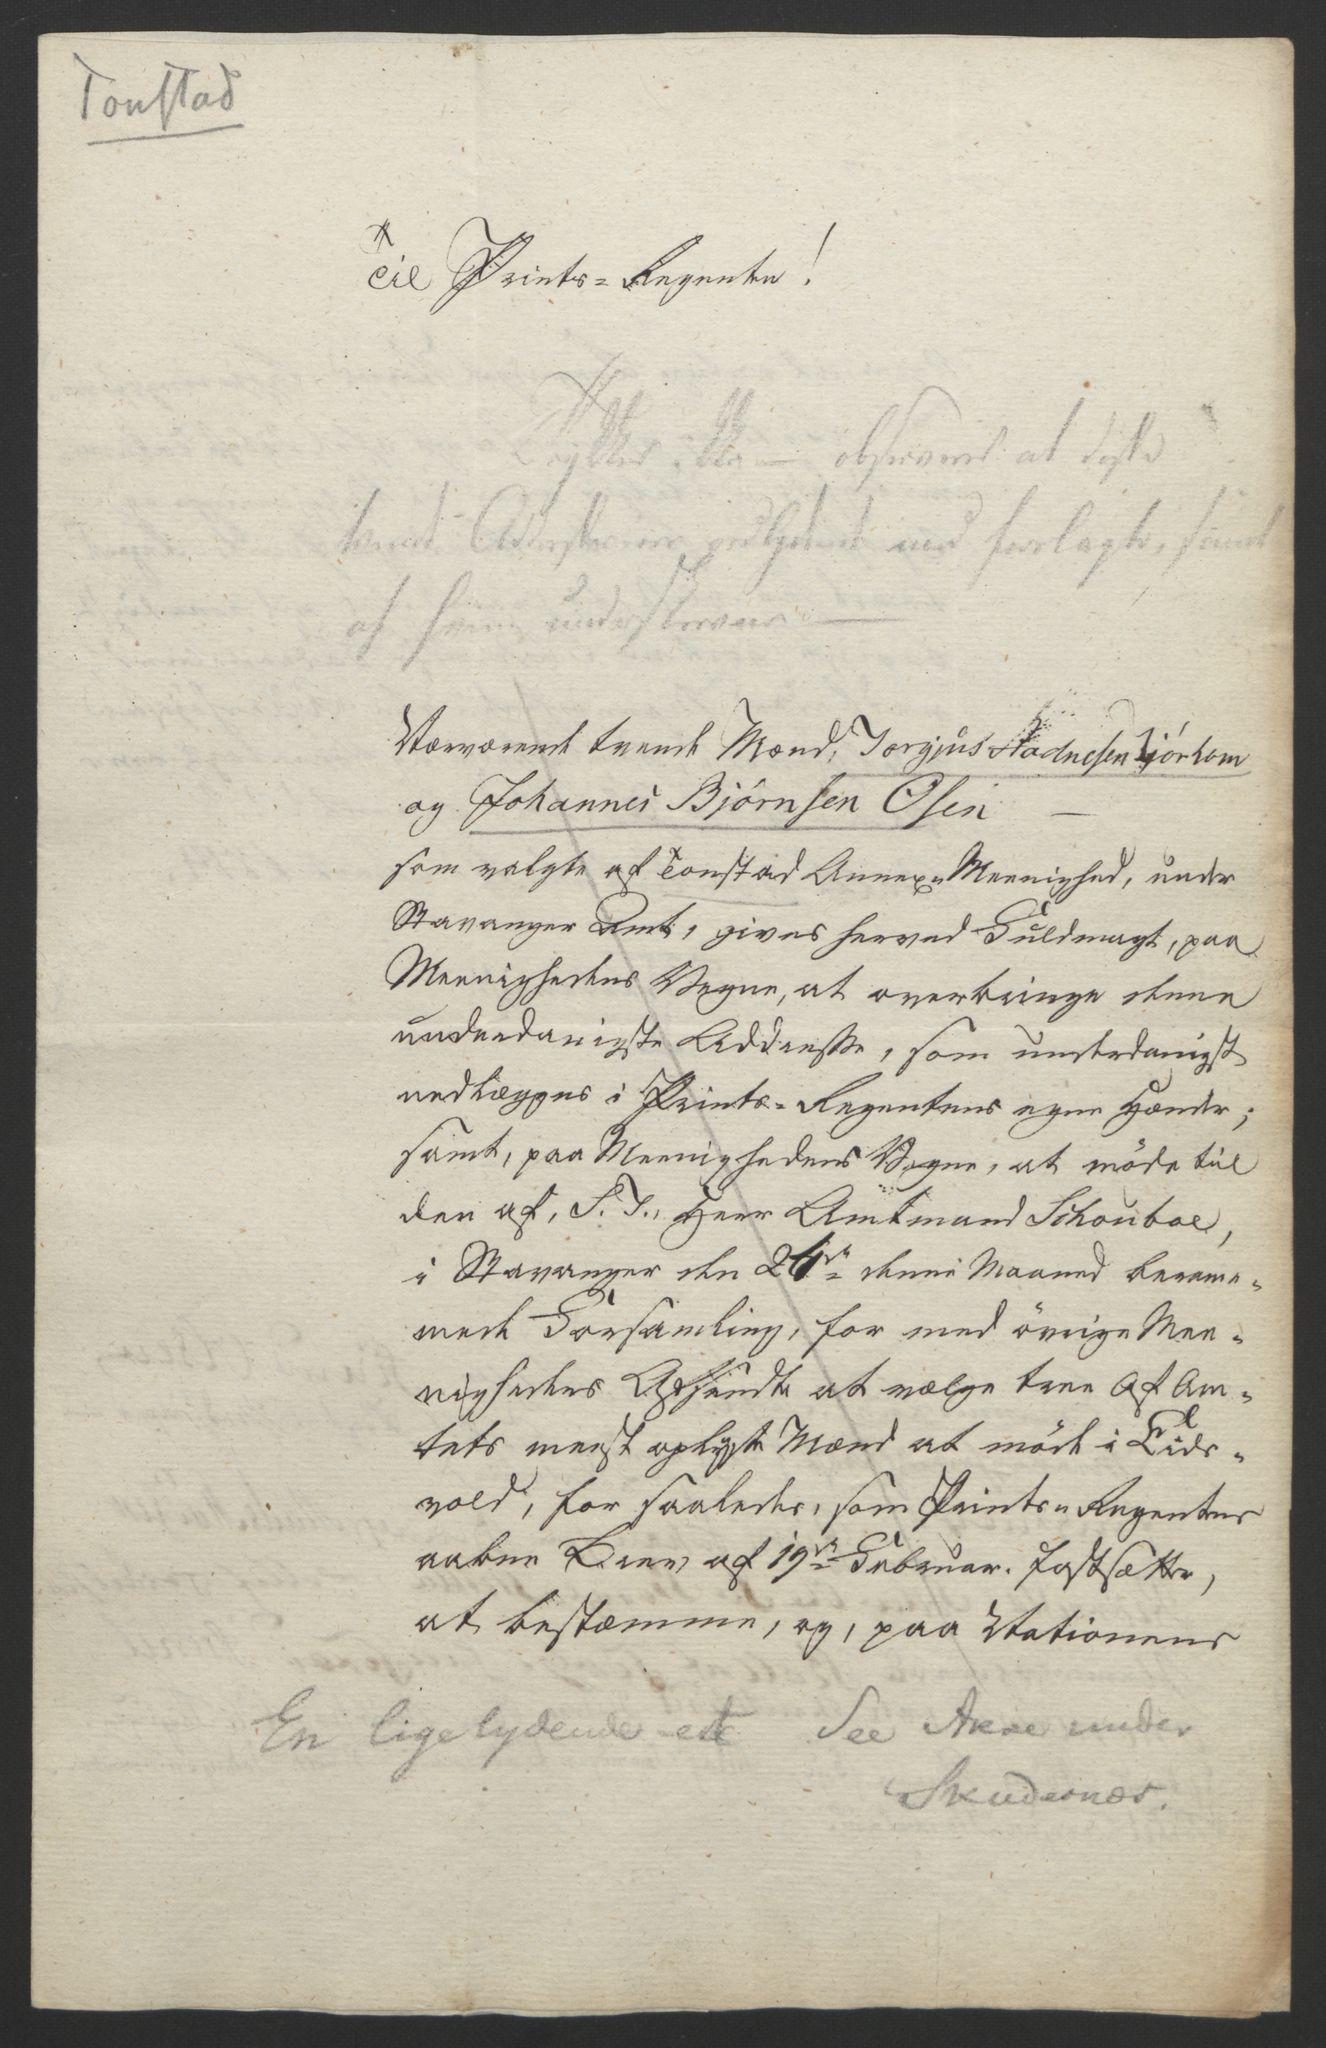 RA, Statsrådssekretariatet, D/Db/L0008: Fullmakter for Eidsvollsrepresentantene i 1814. , 1814, s. 208